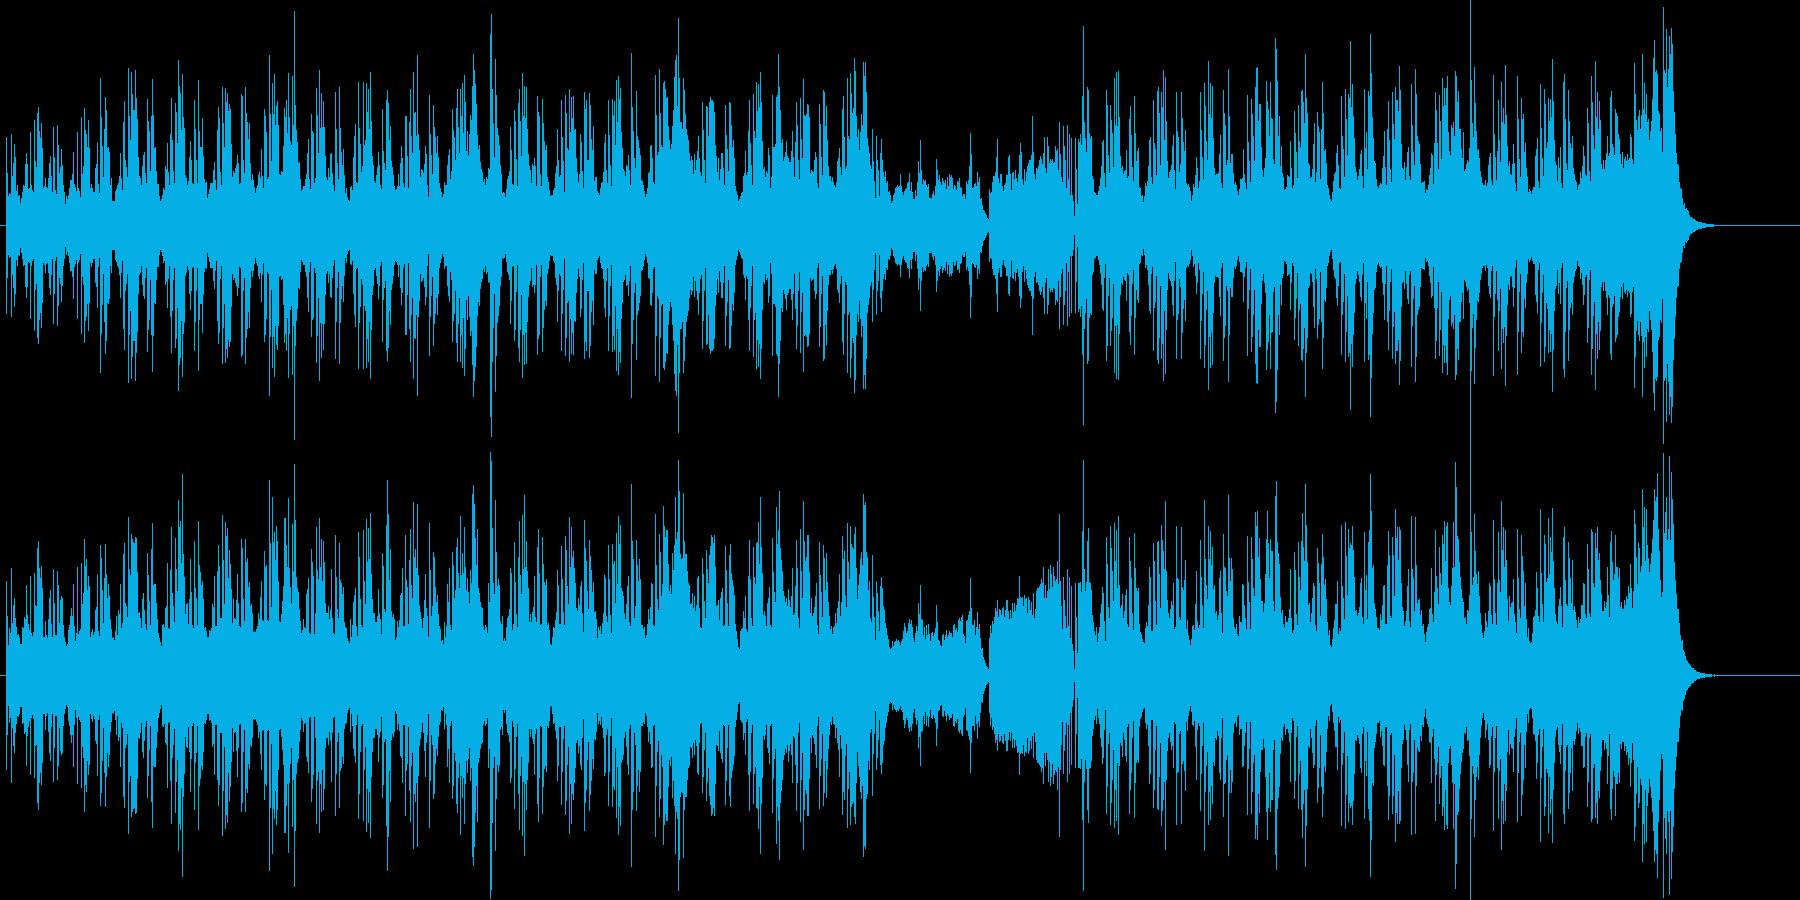 緊迫感のあるサスペンス・ドラマ風の曲の再生済みの波形